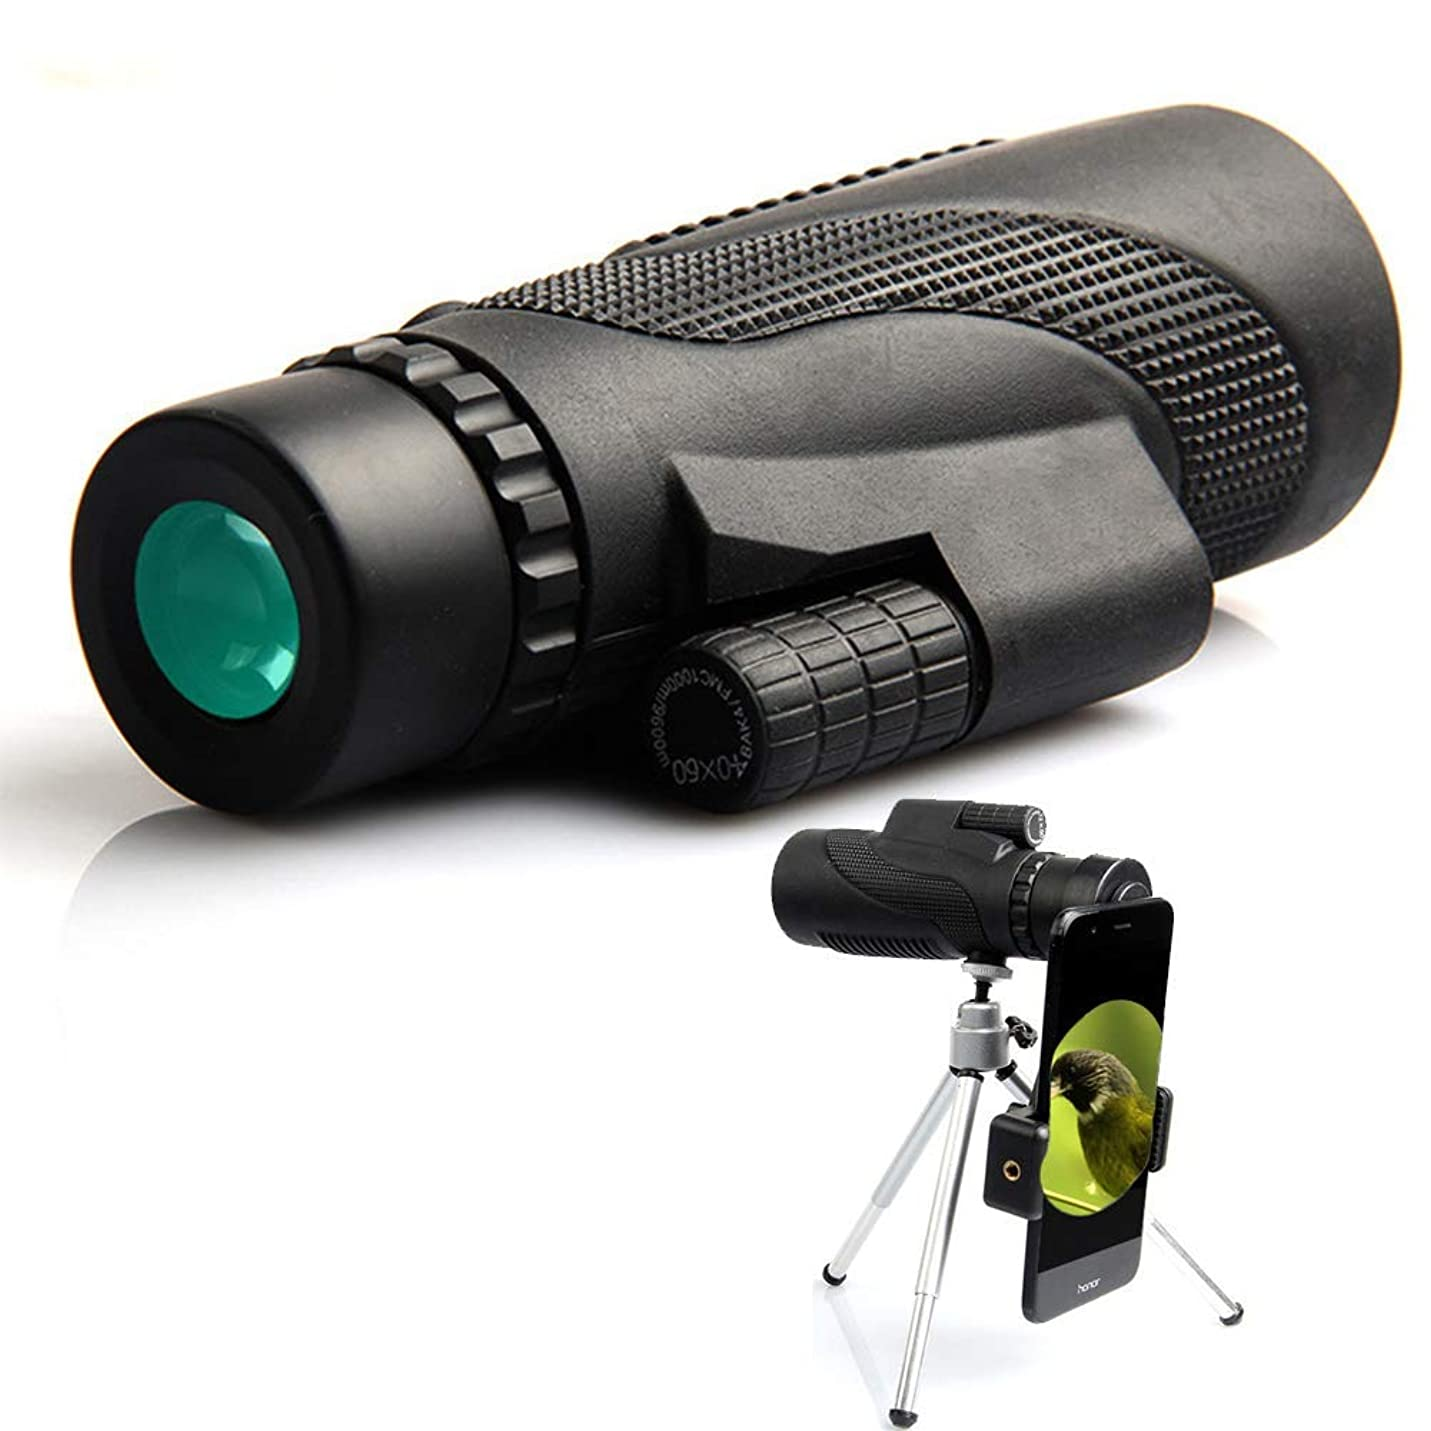 郊外急行するレビュー単眼鏡 望遠鏡 40x60 ハイパワー 耐衝撃 防水 コンパクトスコープ 携帯電話三脚 クイックスマートフォンホルダー 片手フォーカス-A1